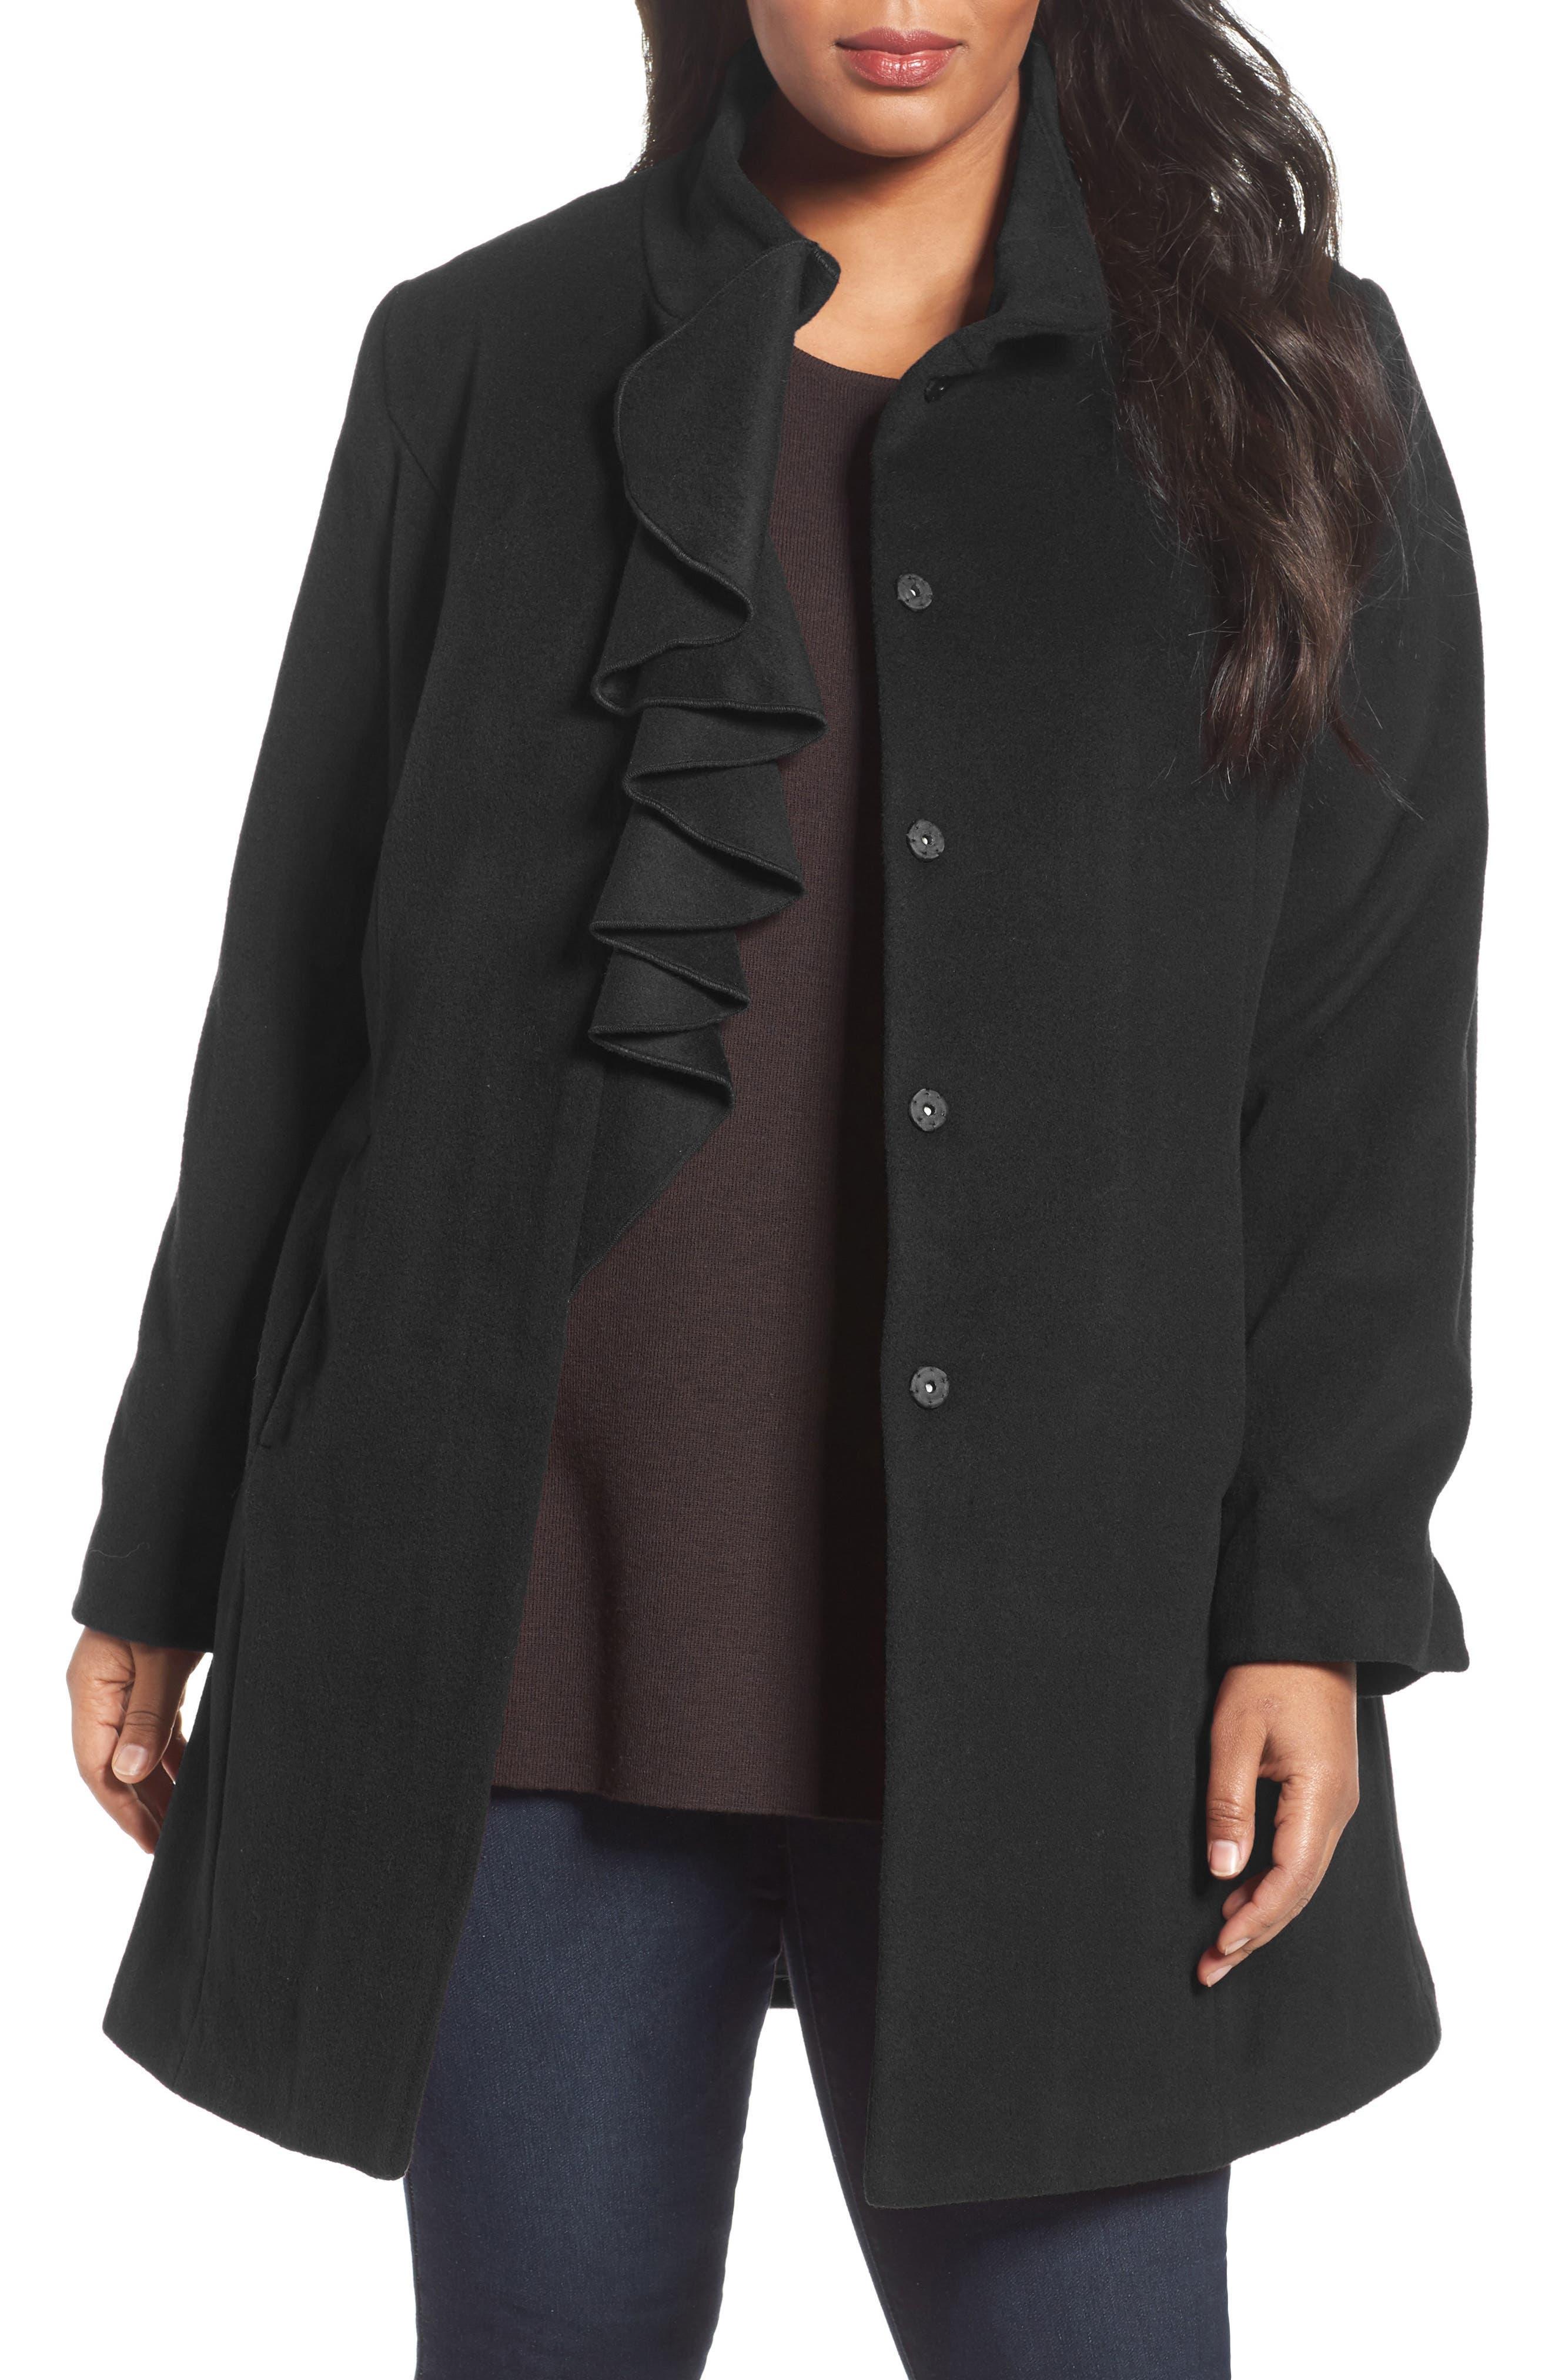 Alternate Image 1 Selected - Tahari Kate Ruffle Wool Blend Coat (Plus Size)